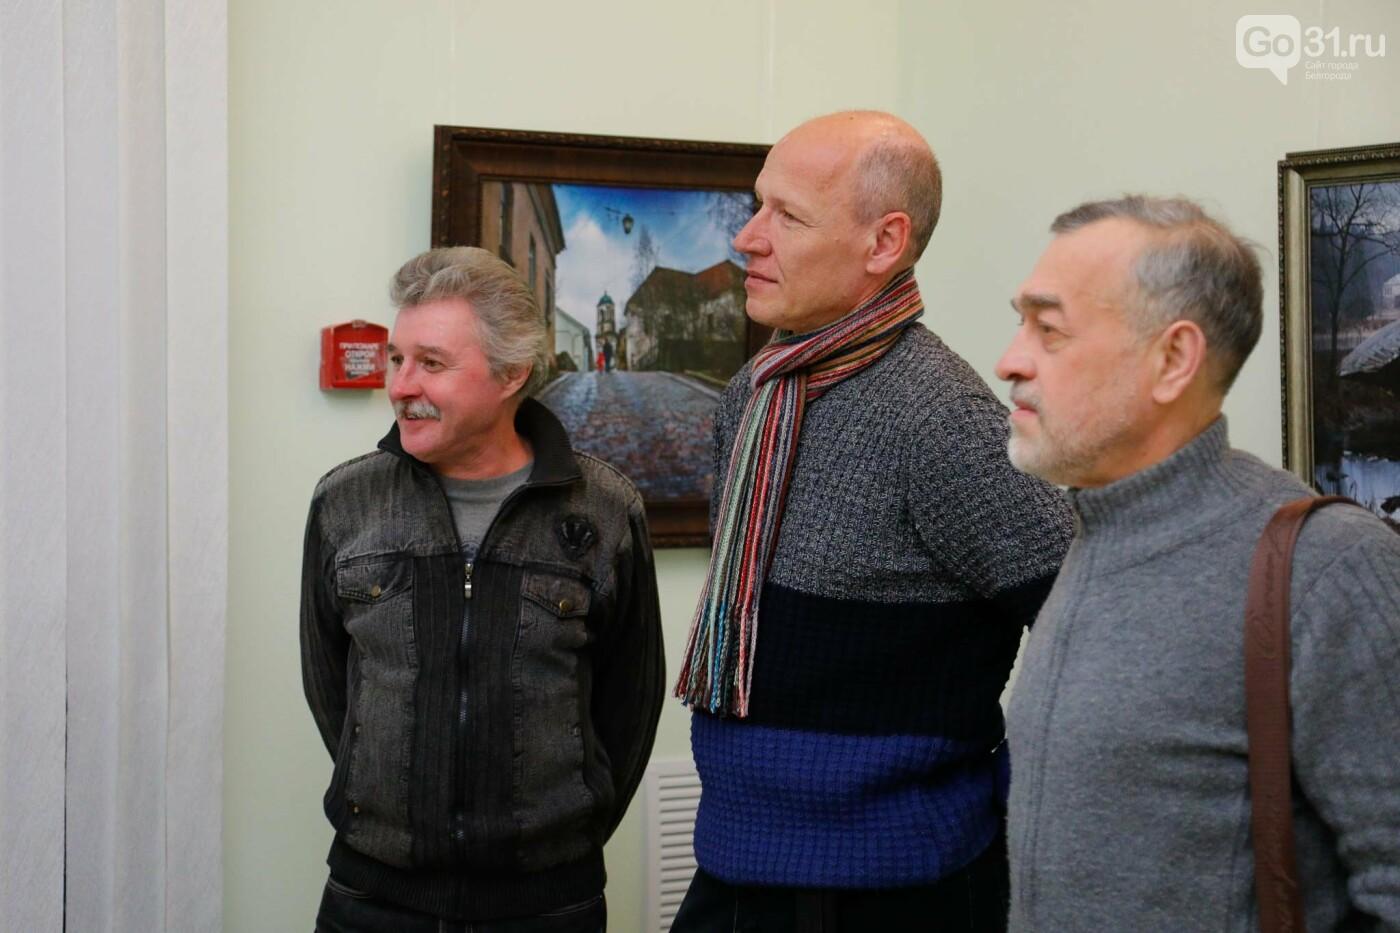 В Белгороде открылась персональная фотовыставка Владимира Щекалова, фото-35